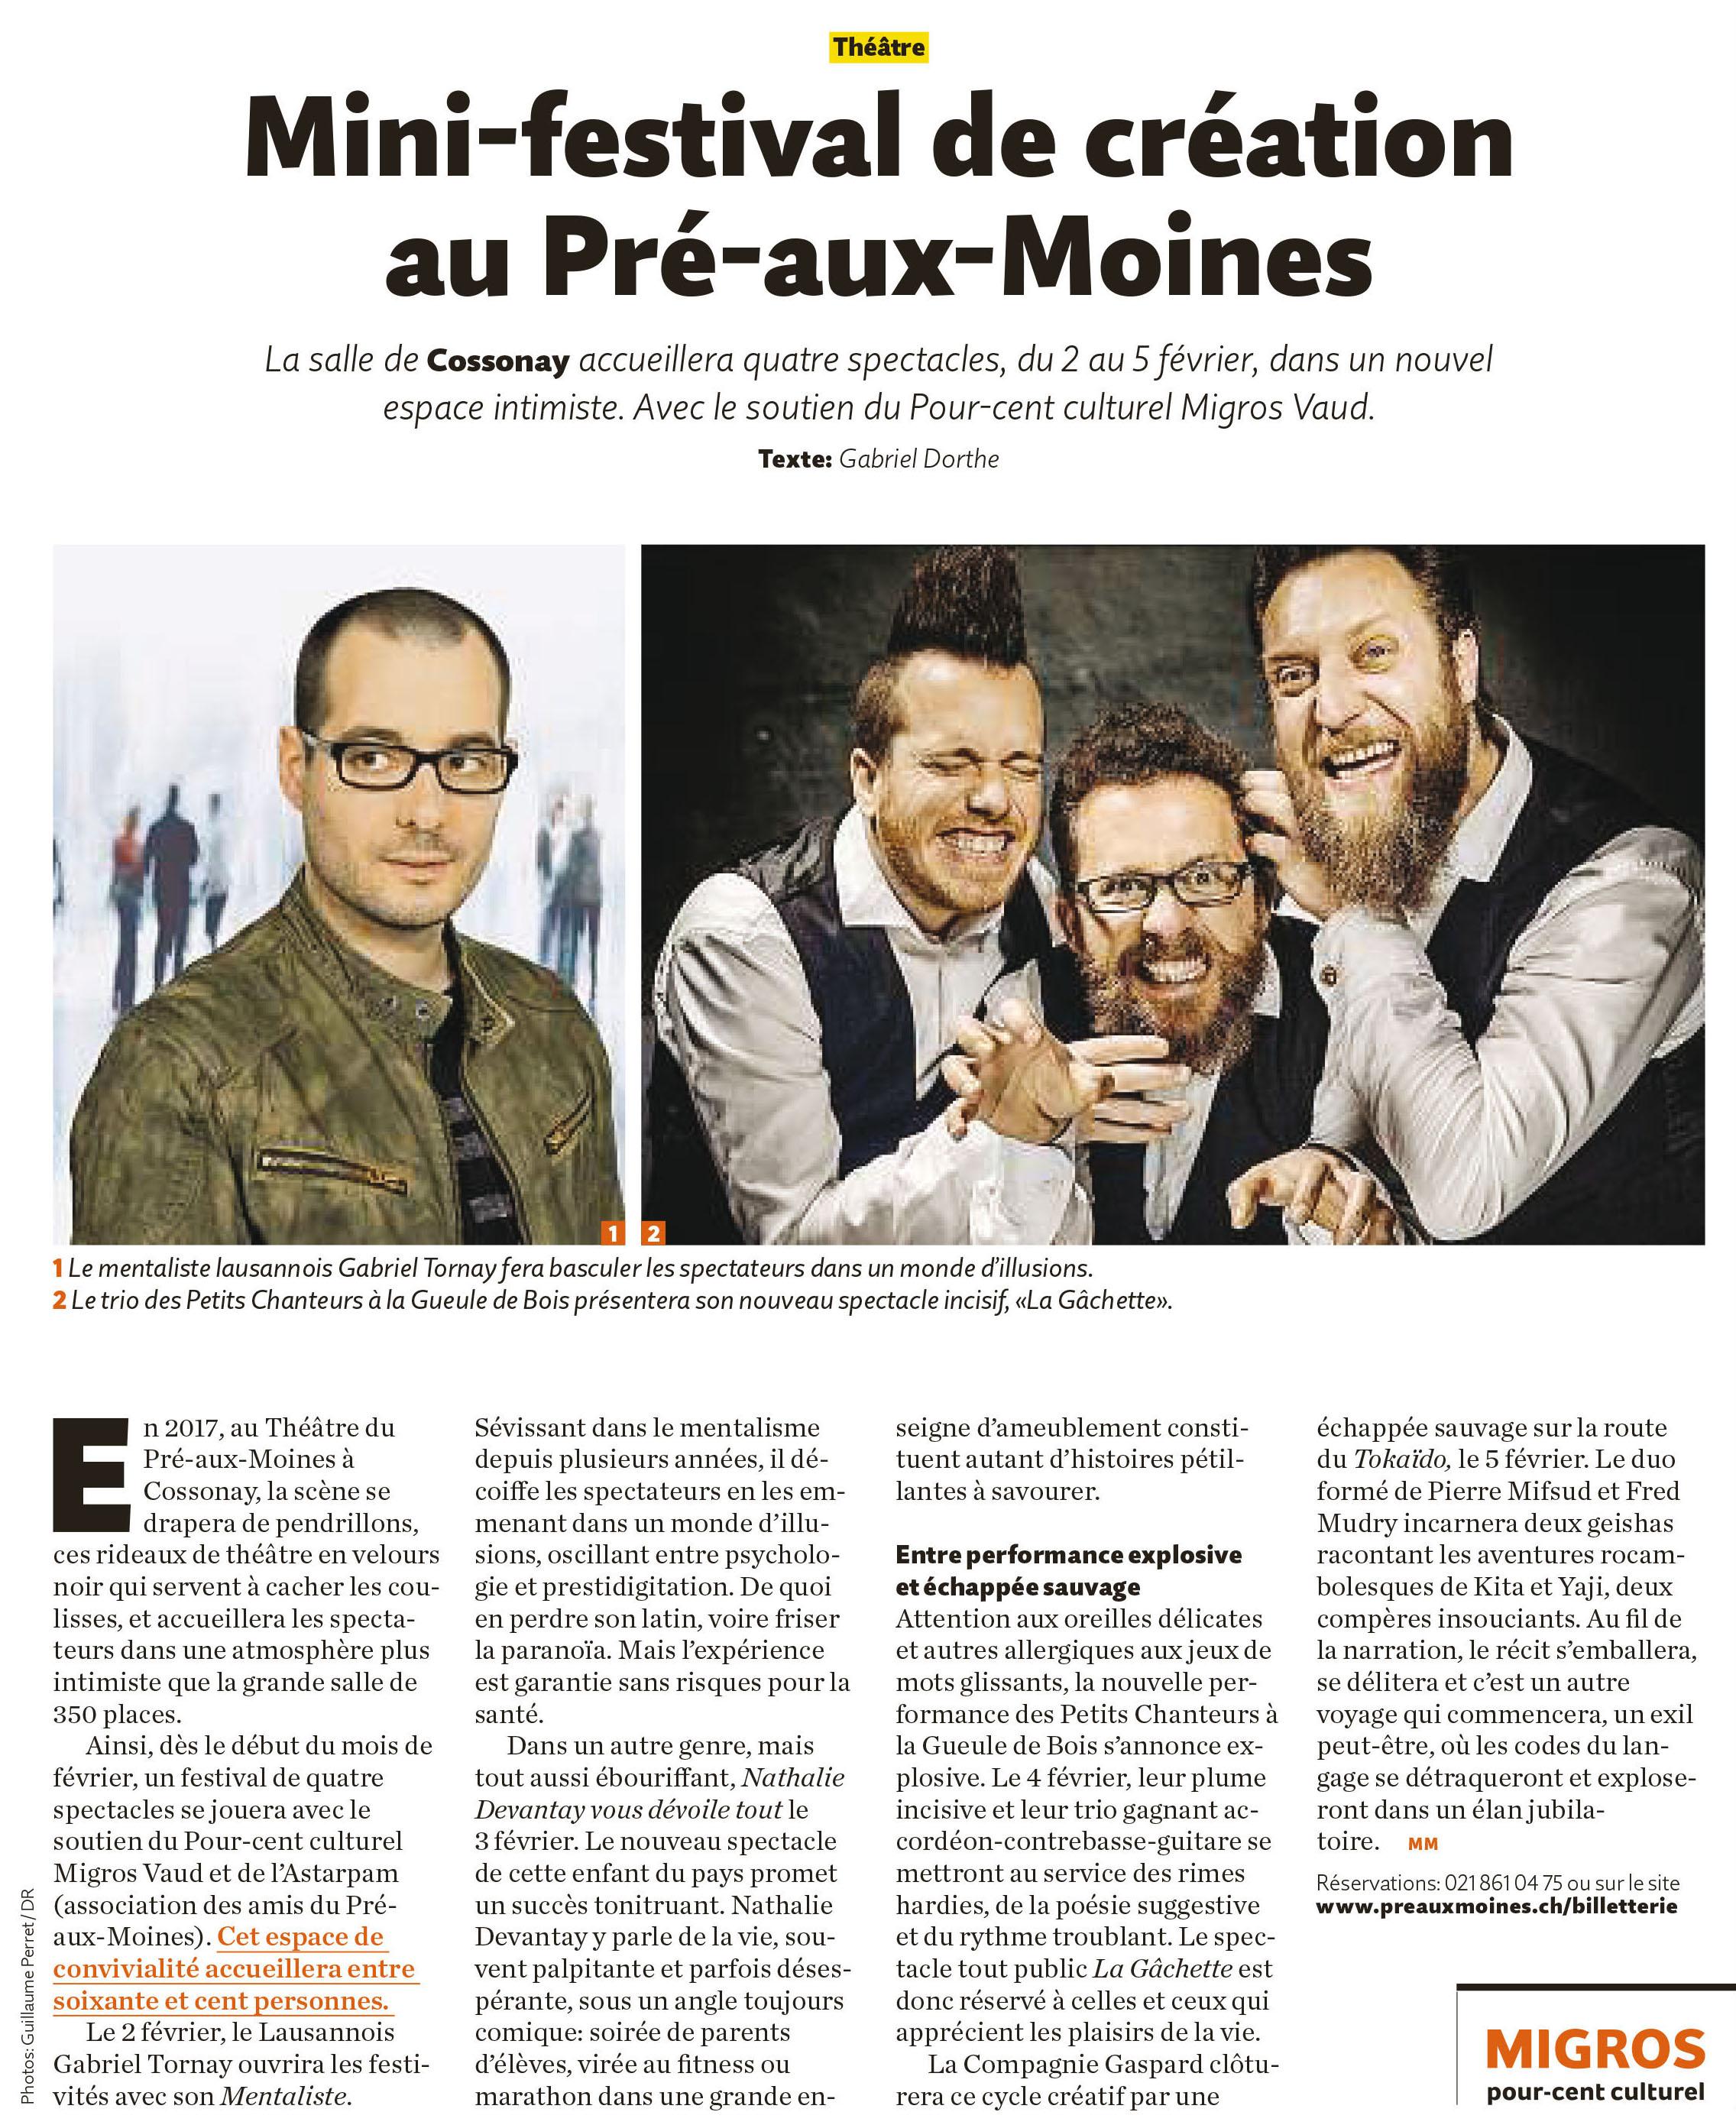 Migros Magazine, 03.01.2017